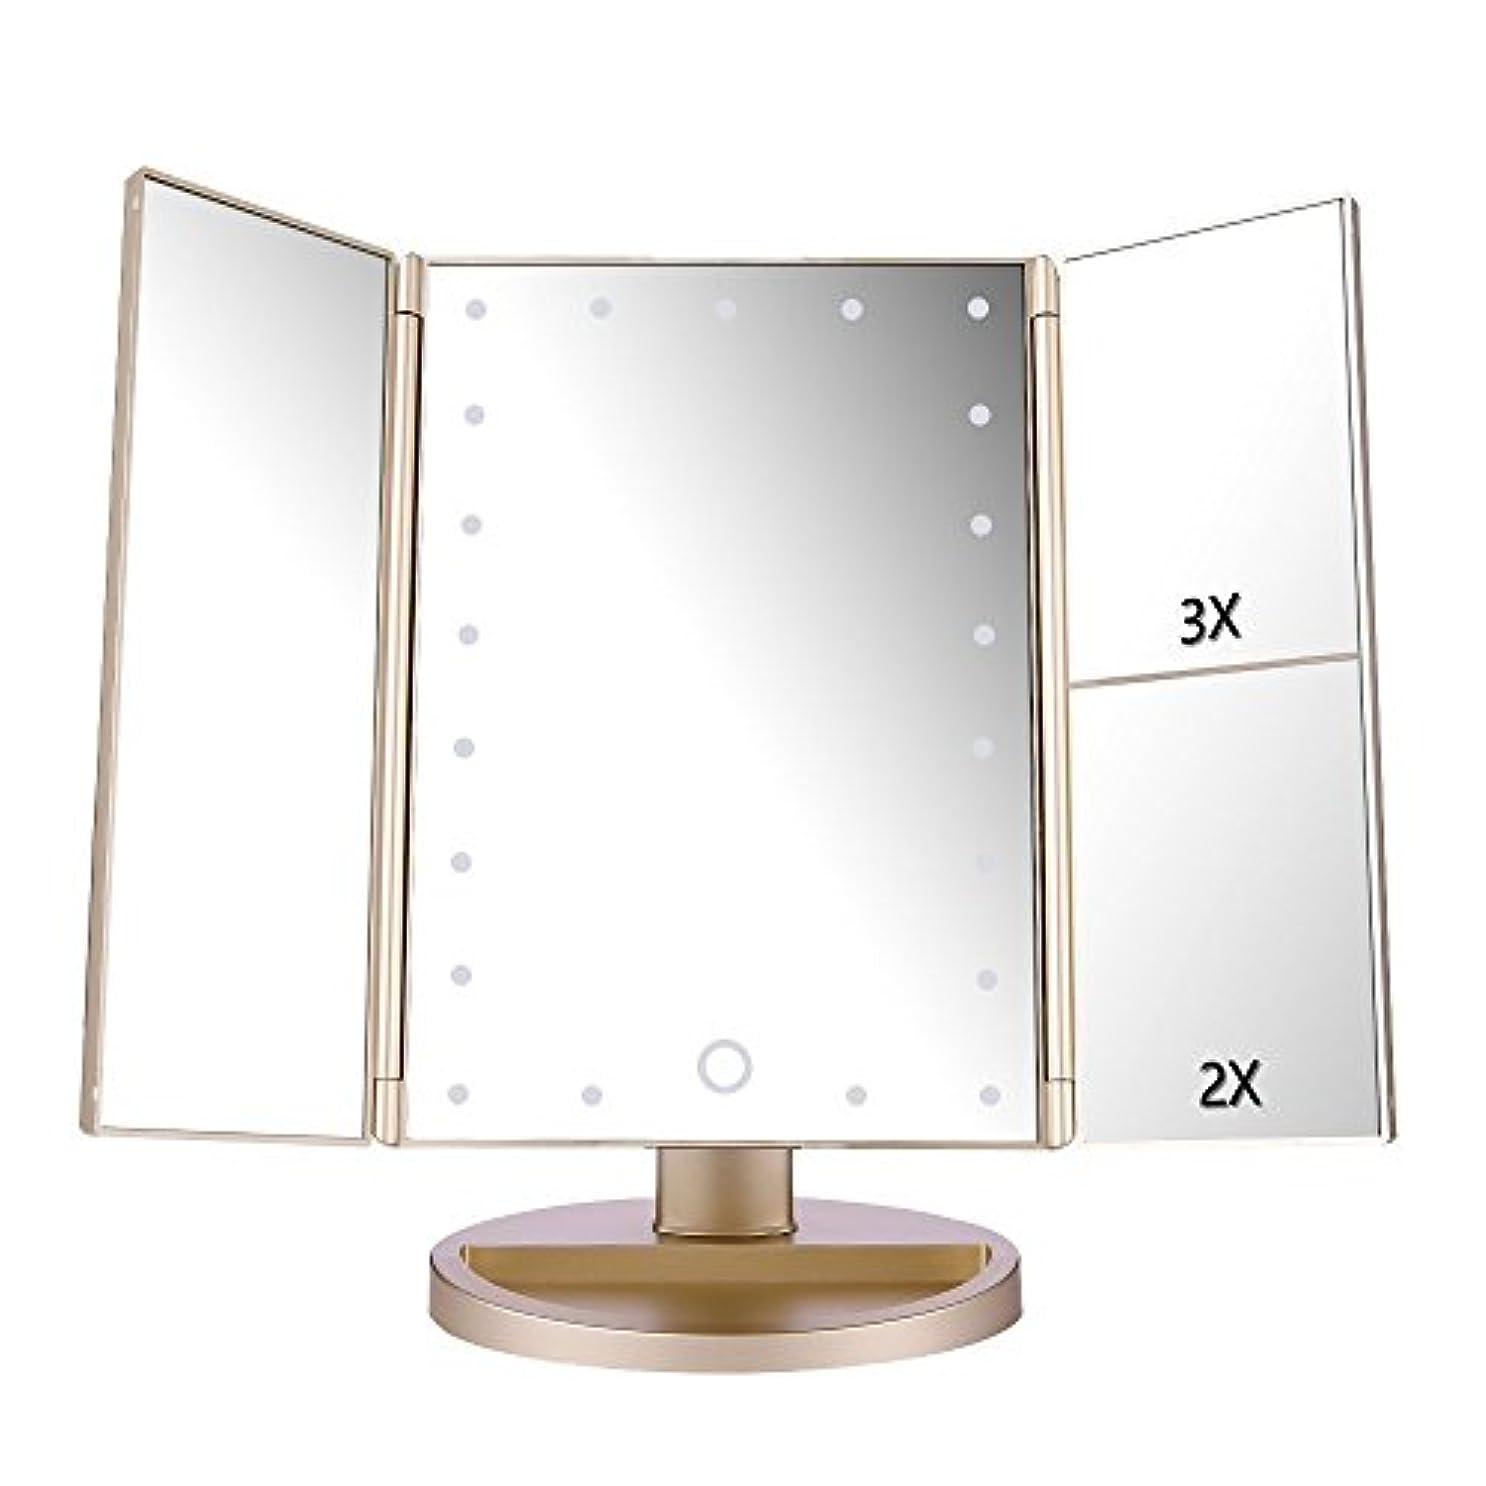 新鮮な好戦的な郵便屋さん卓上三面鏡 LED化粧鏡 電池交換可能 2倍&3倍拡大鏡付き 角度自由調整 明るさ調整可能 折り畳み式 LEDライト21個 全3色 スタンド ミラー (ゴールド)